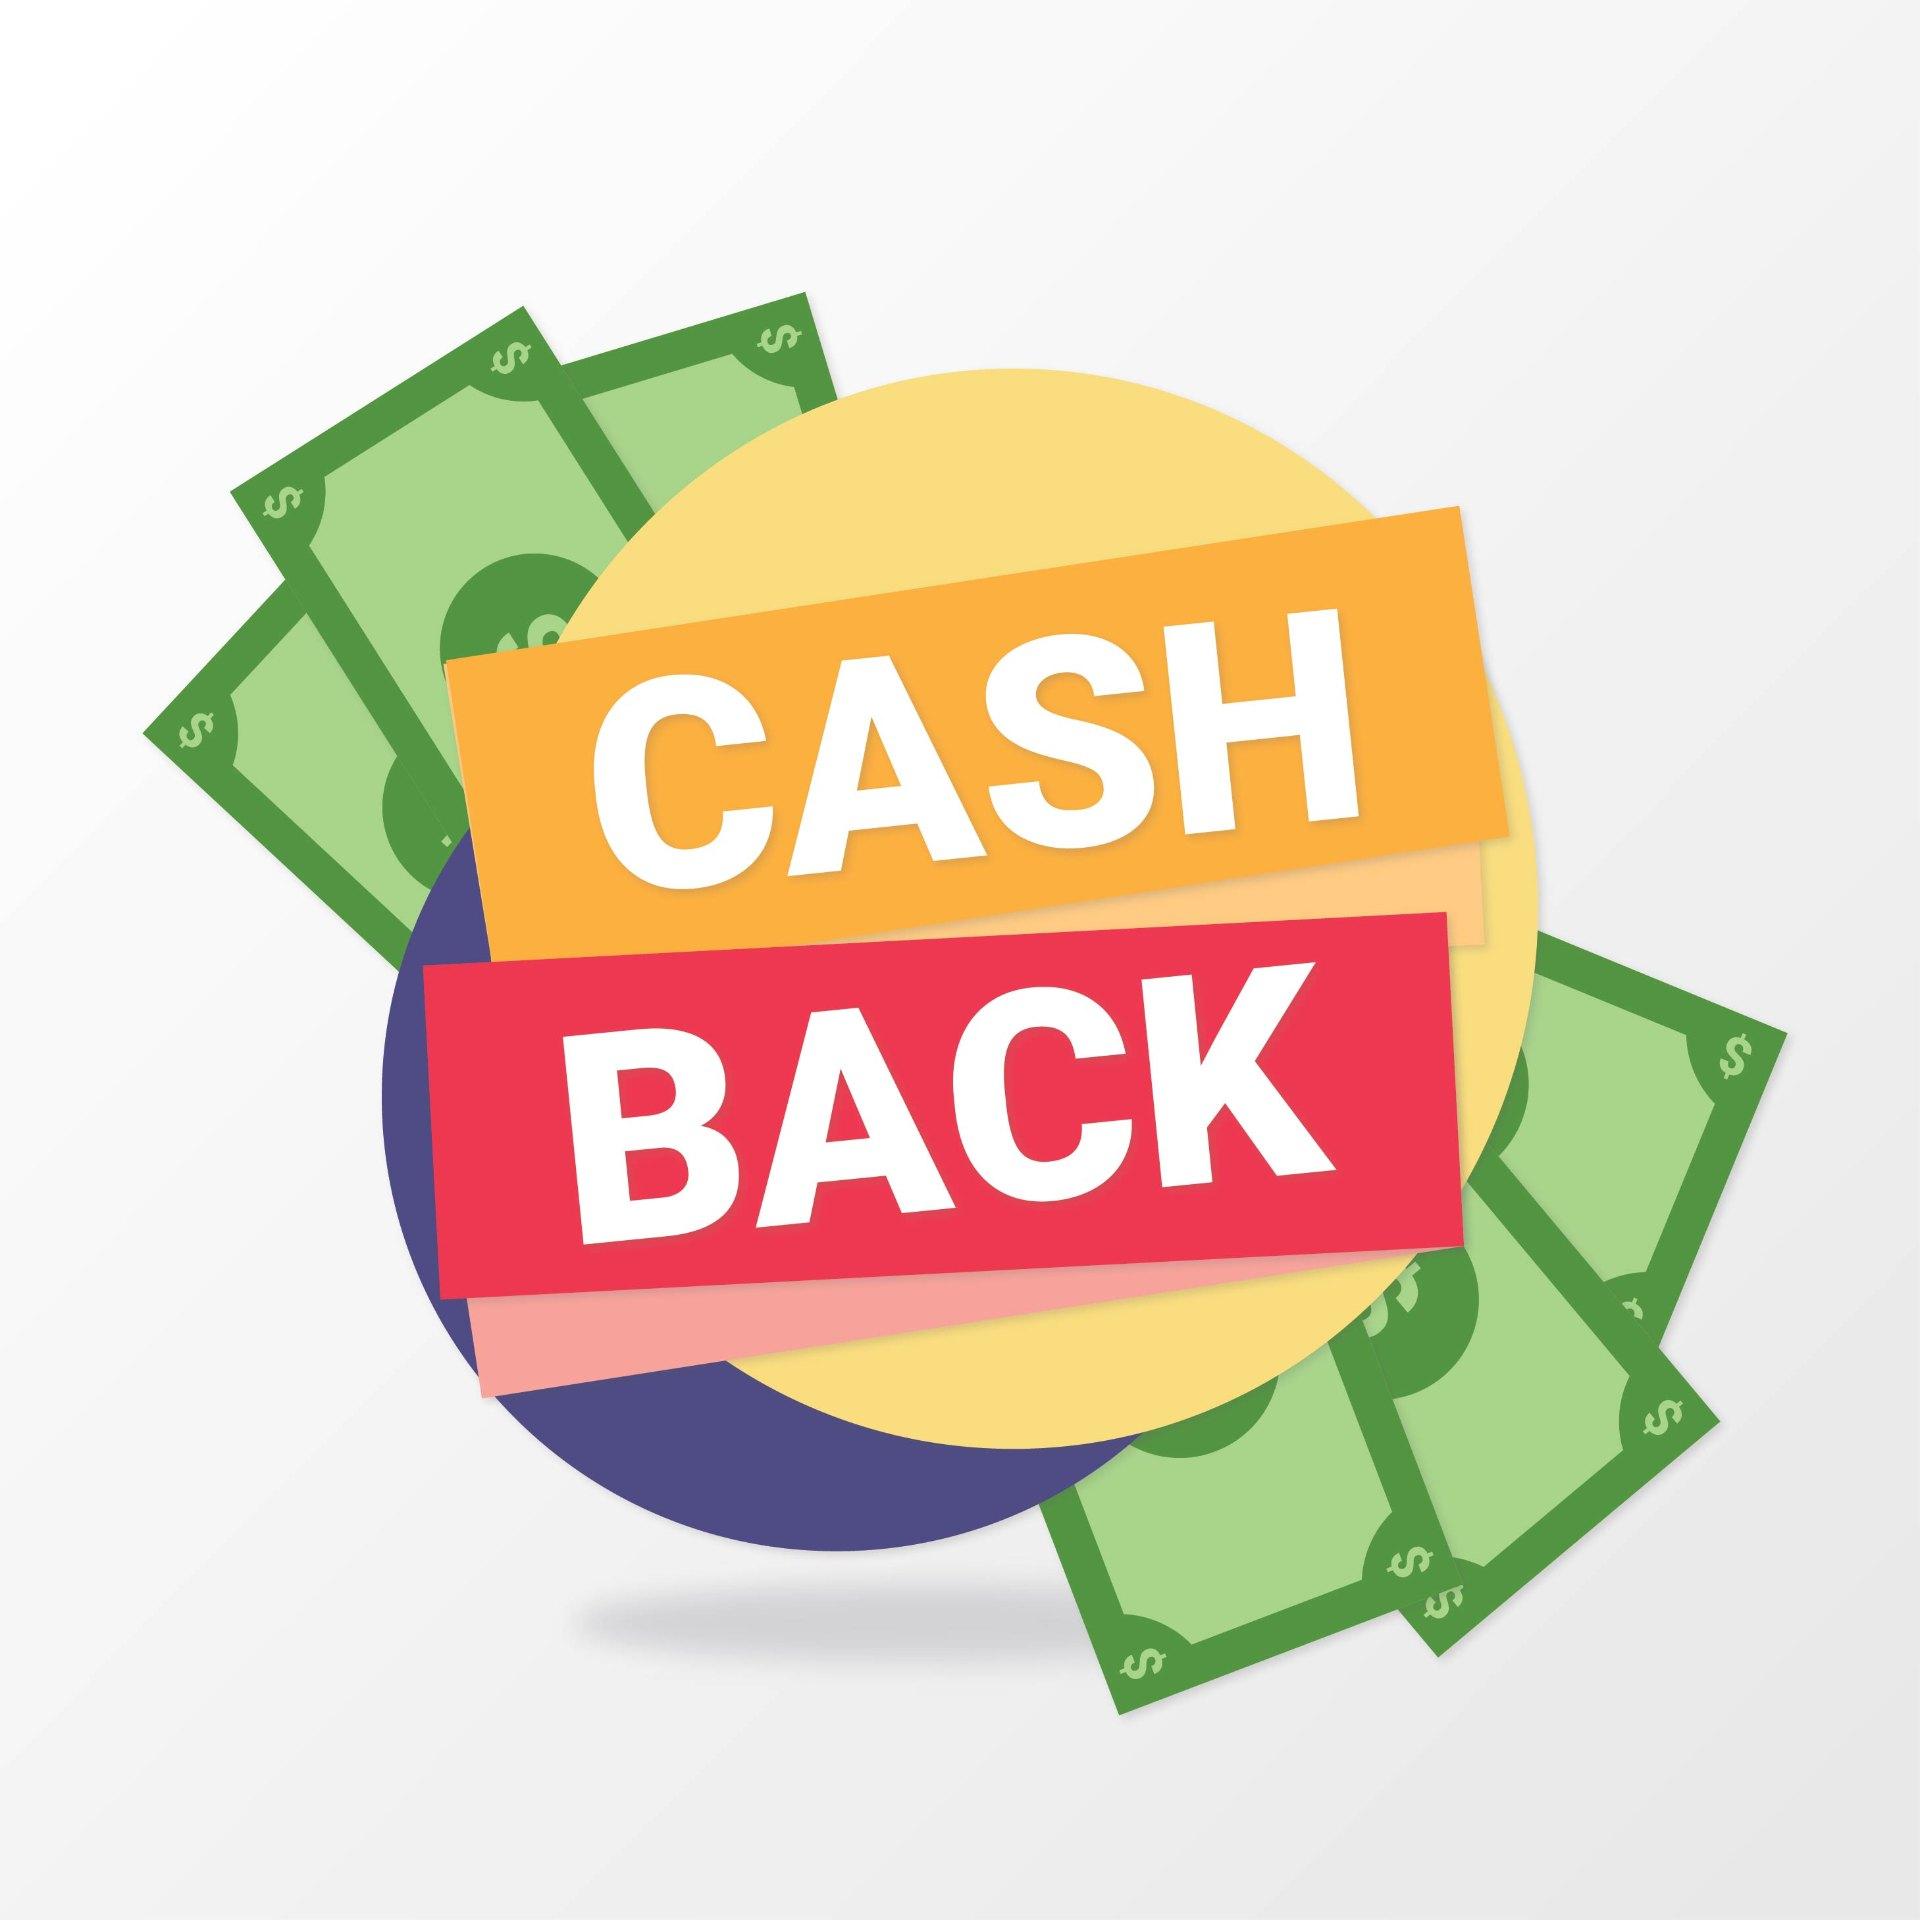 Descubra cómo obtener una tarjeta de crédito Klar sin tarifas anuales y otros beneficios